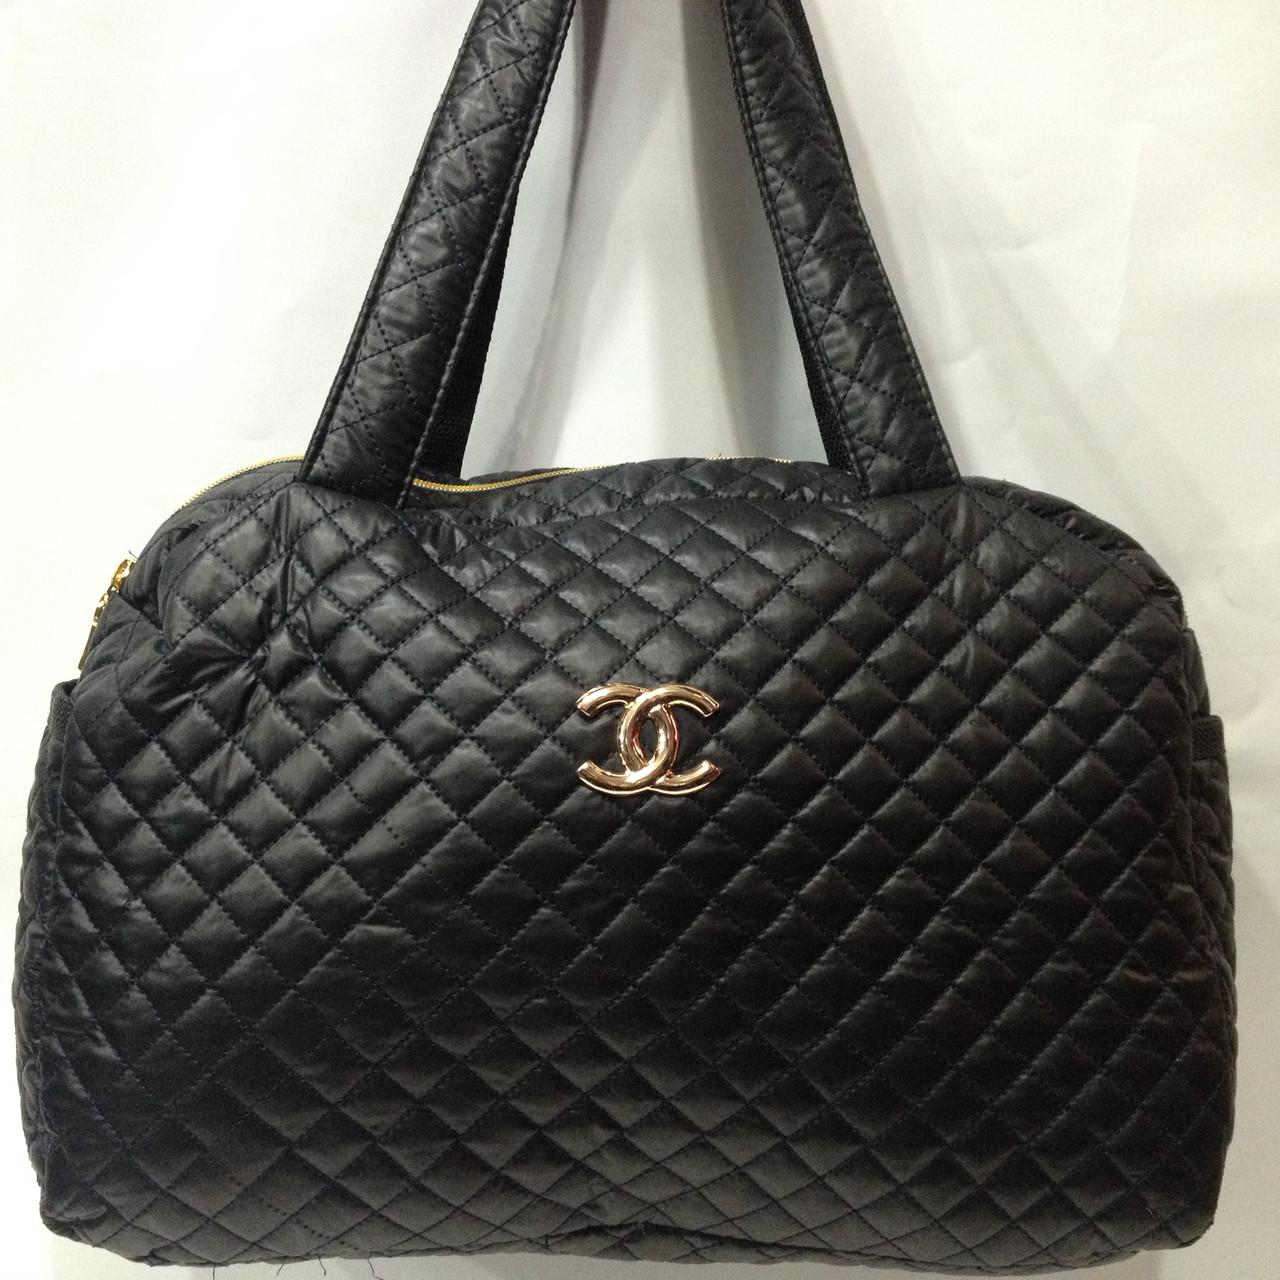 463d5fbdaf43 Модная стеганая сумка Шанель из плащевки черная оптом : продажа ...